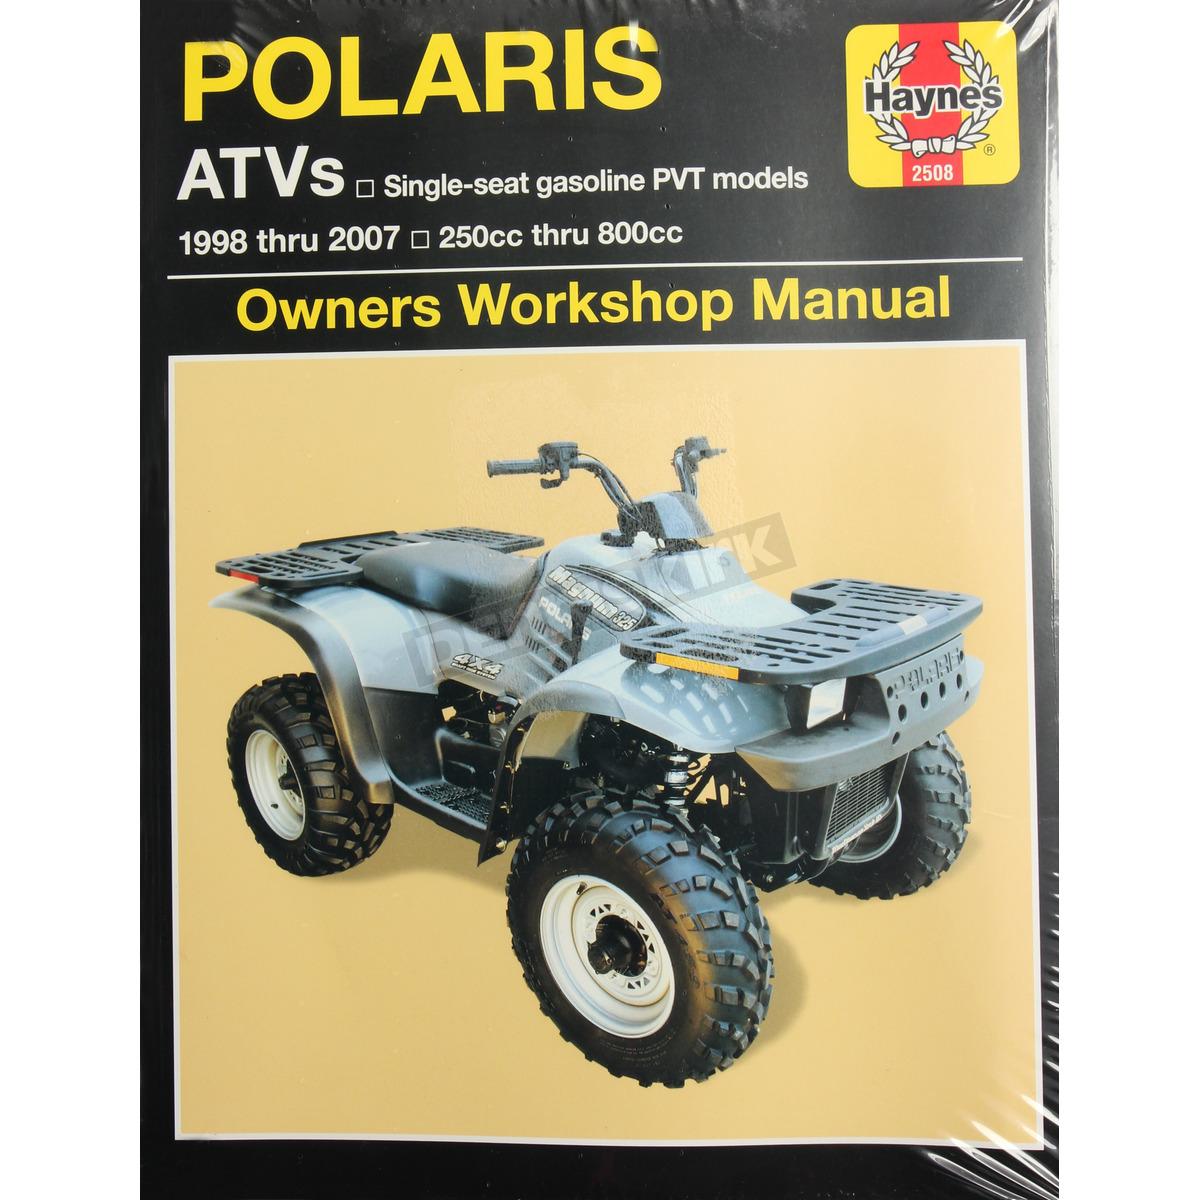 hight resolution of haynes polaris repair manual 2508